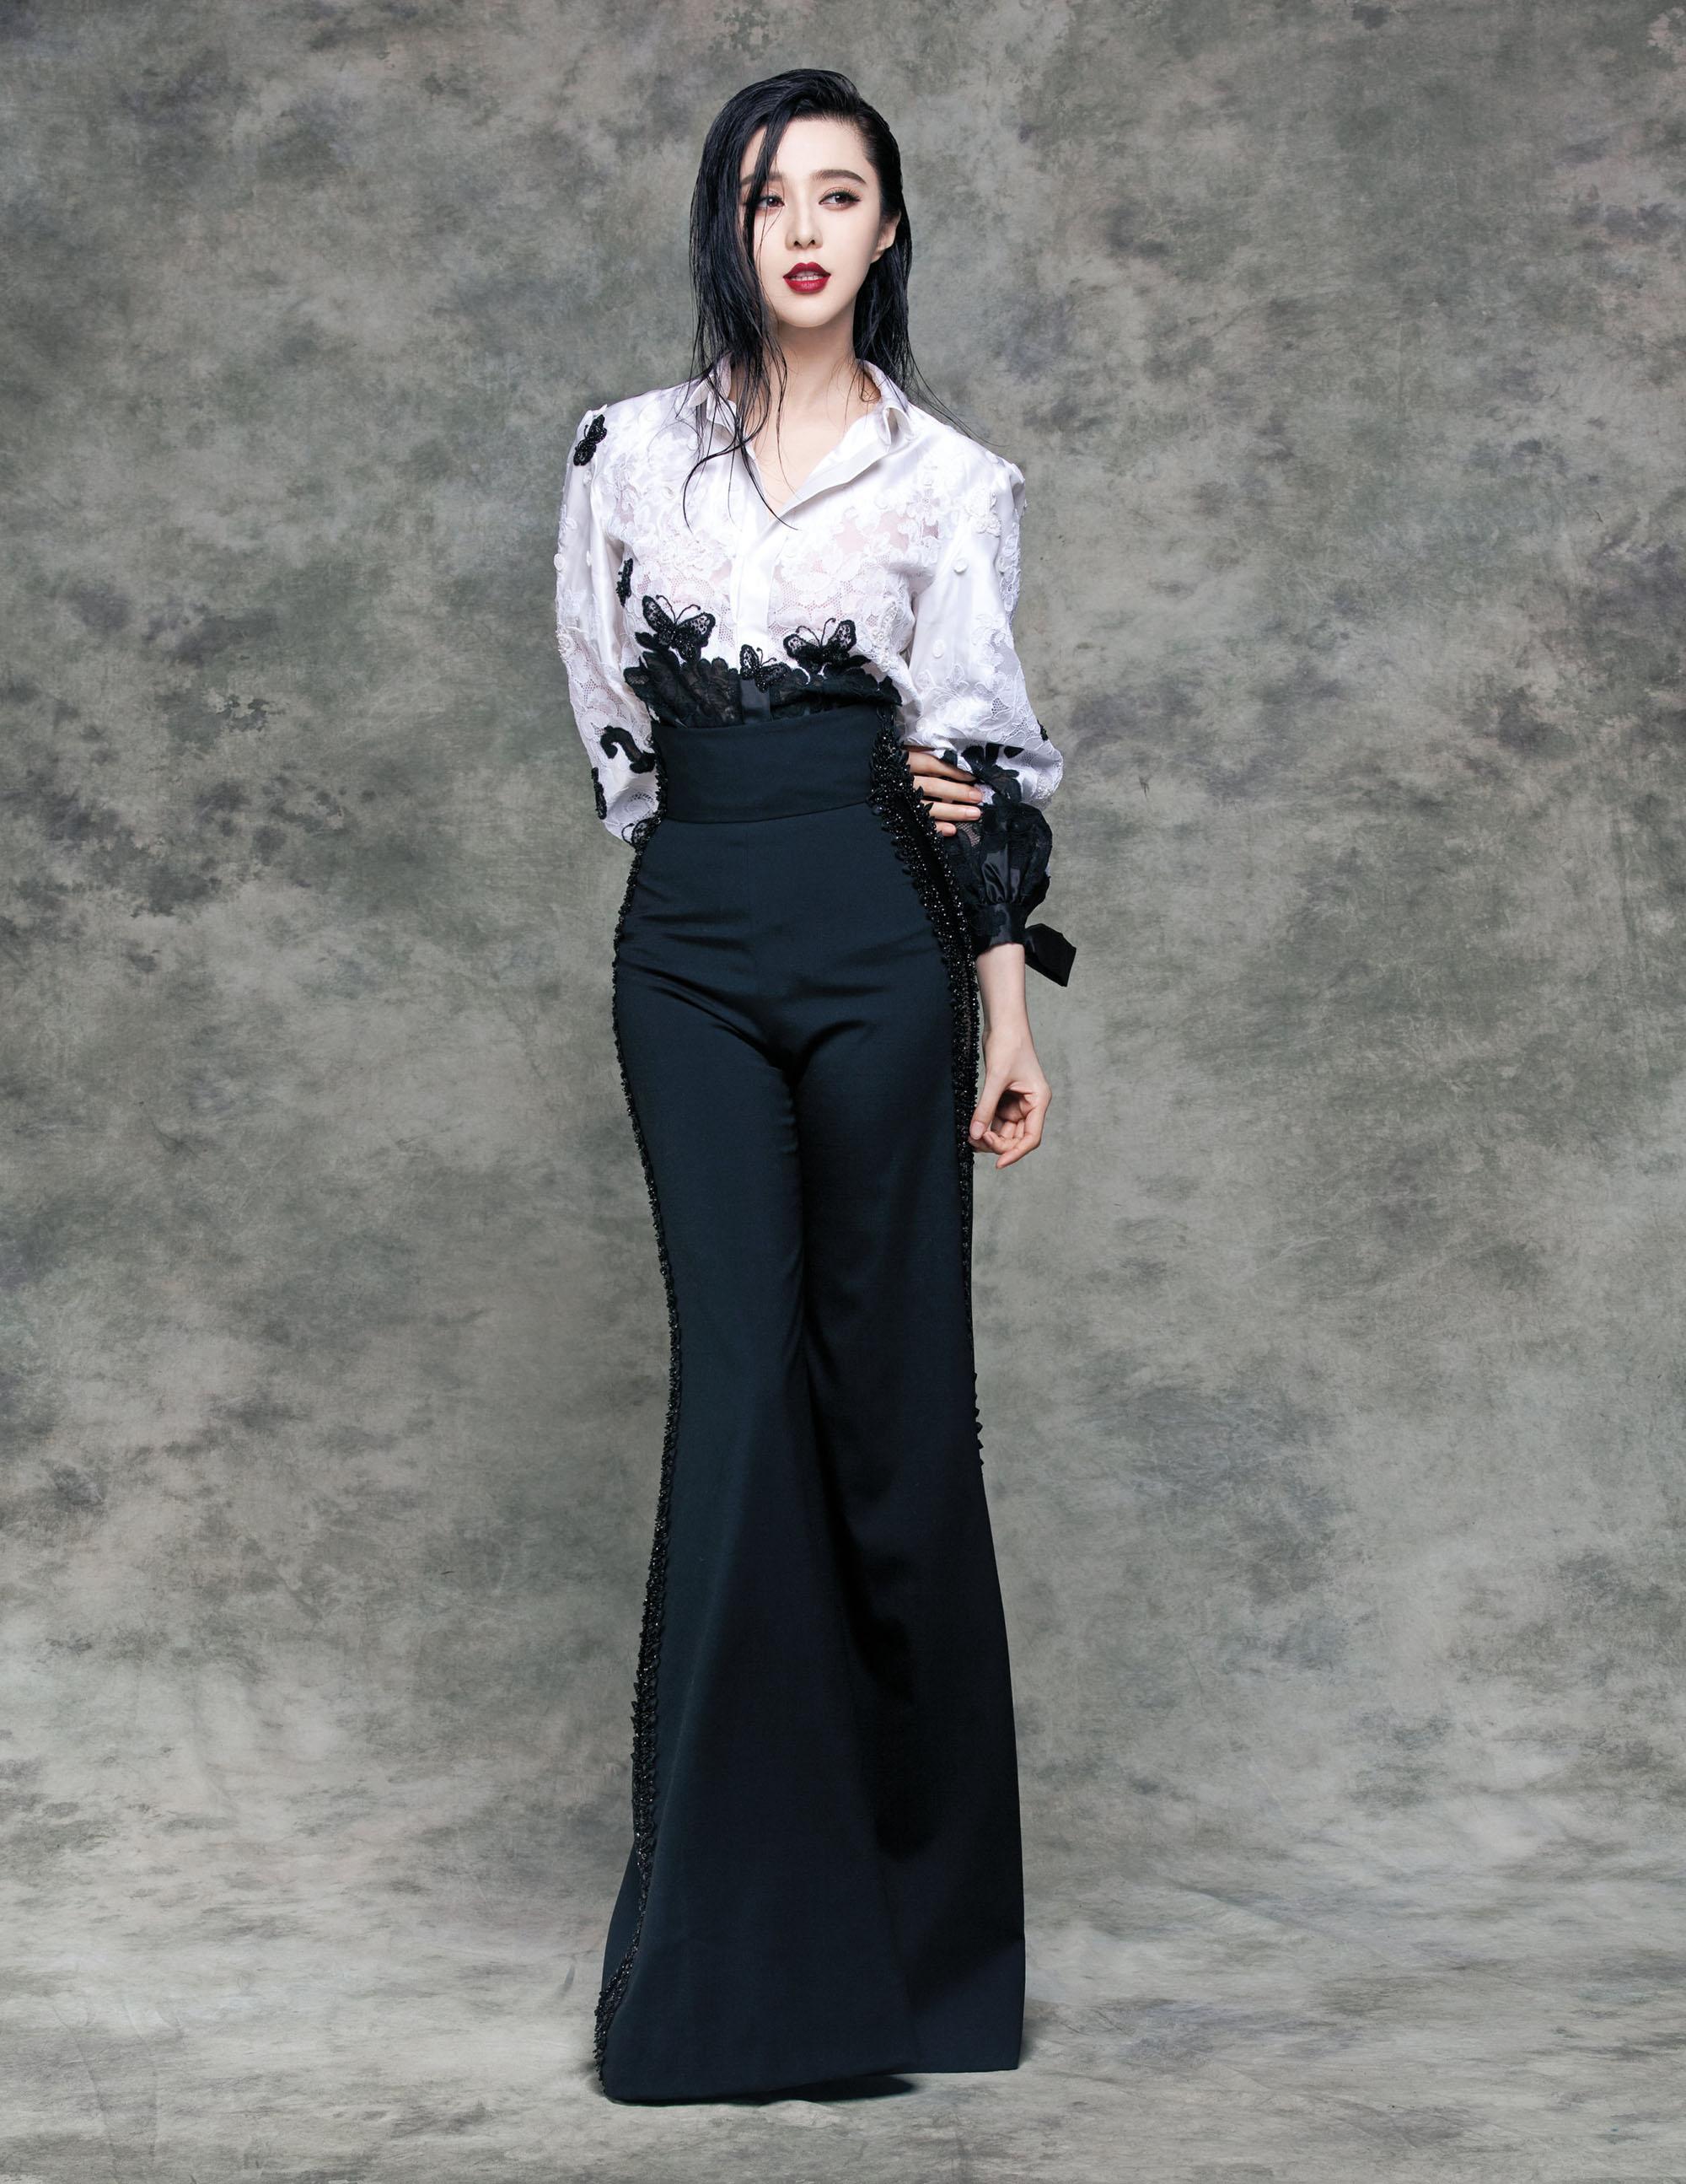 范冰冰登台湾Vogue封面 金九刊演绎玲珑多面